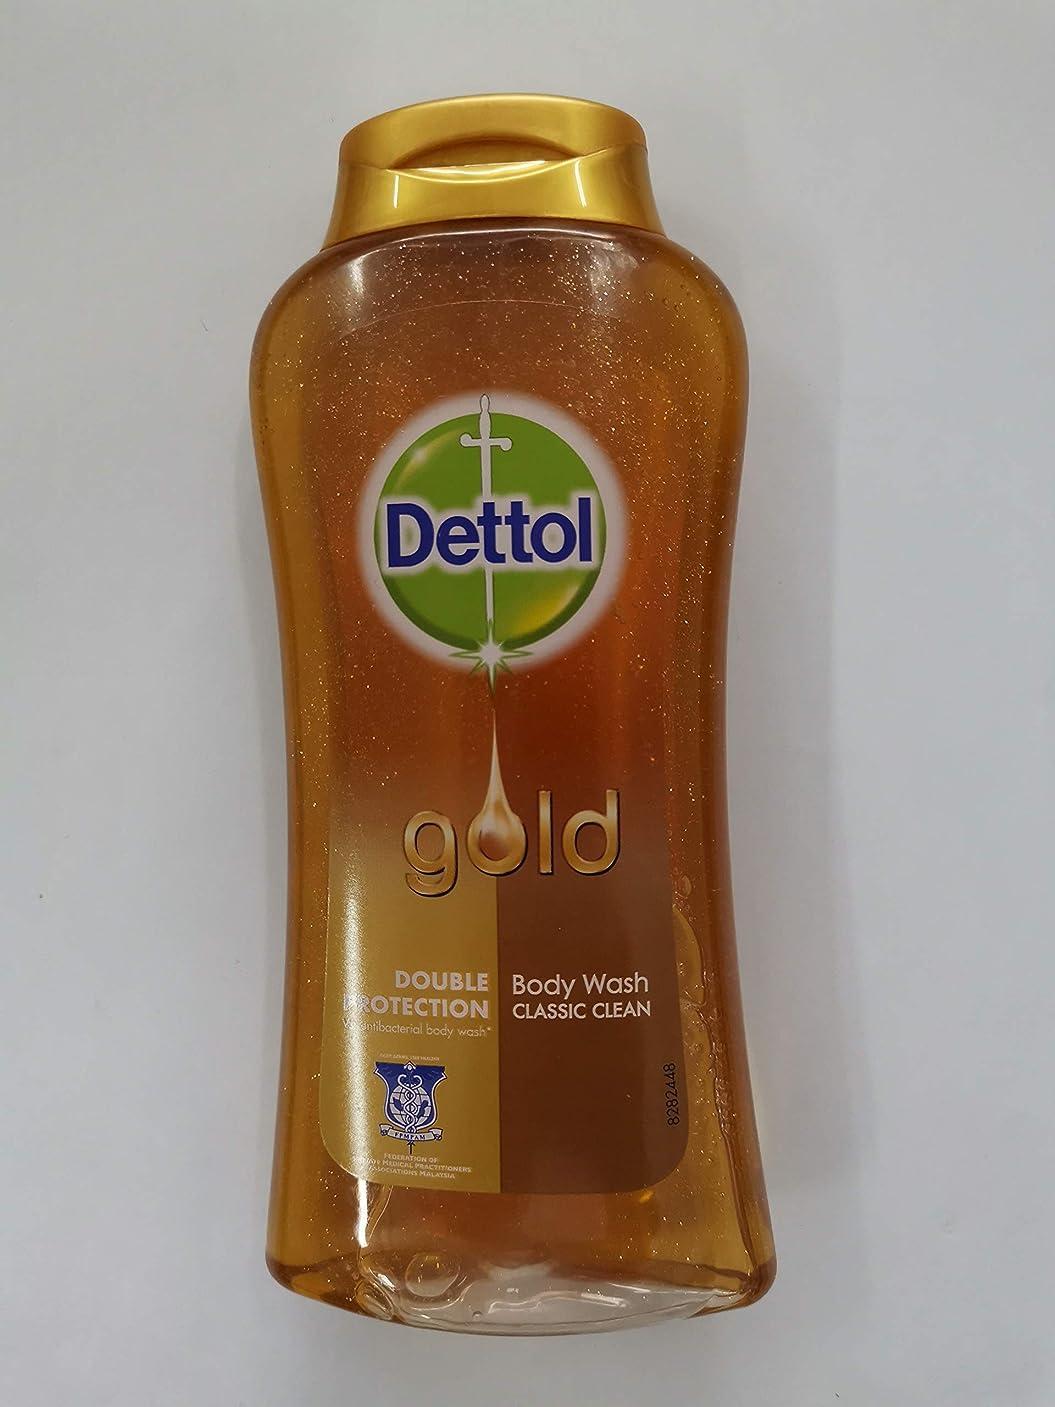 プレビスサイト石炭アリDettol クラシッククリーンボディローション250ミリリットル - 細菌非食用風呂-kills 99.9% - 毎日の細菌を防ぎます